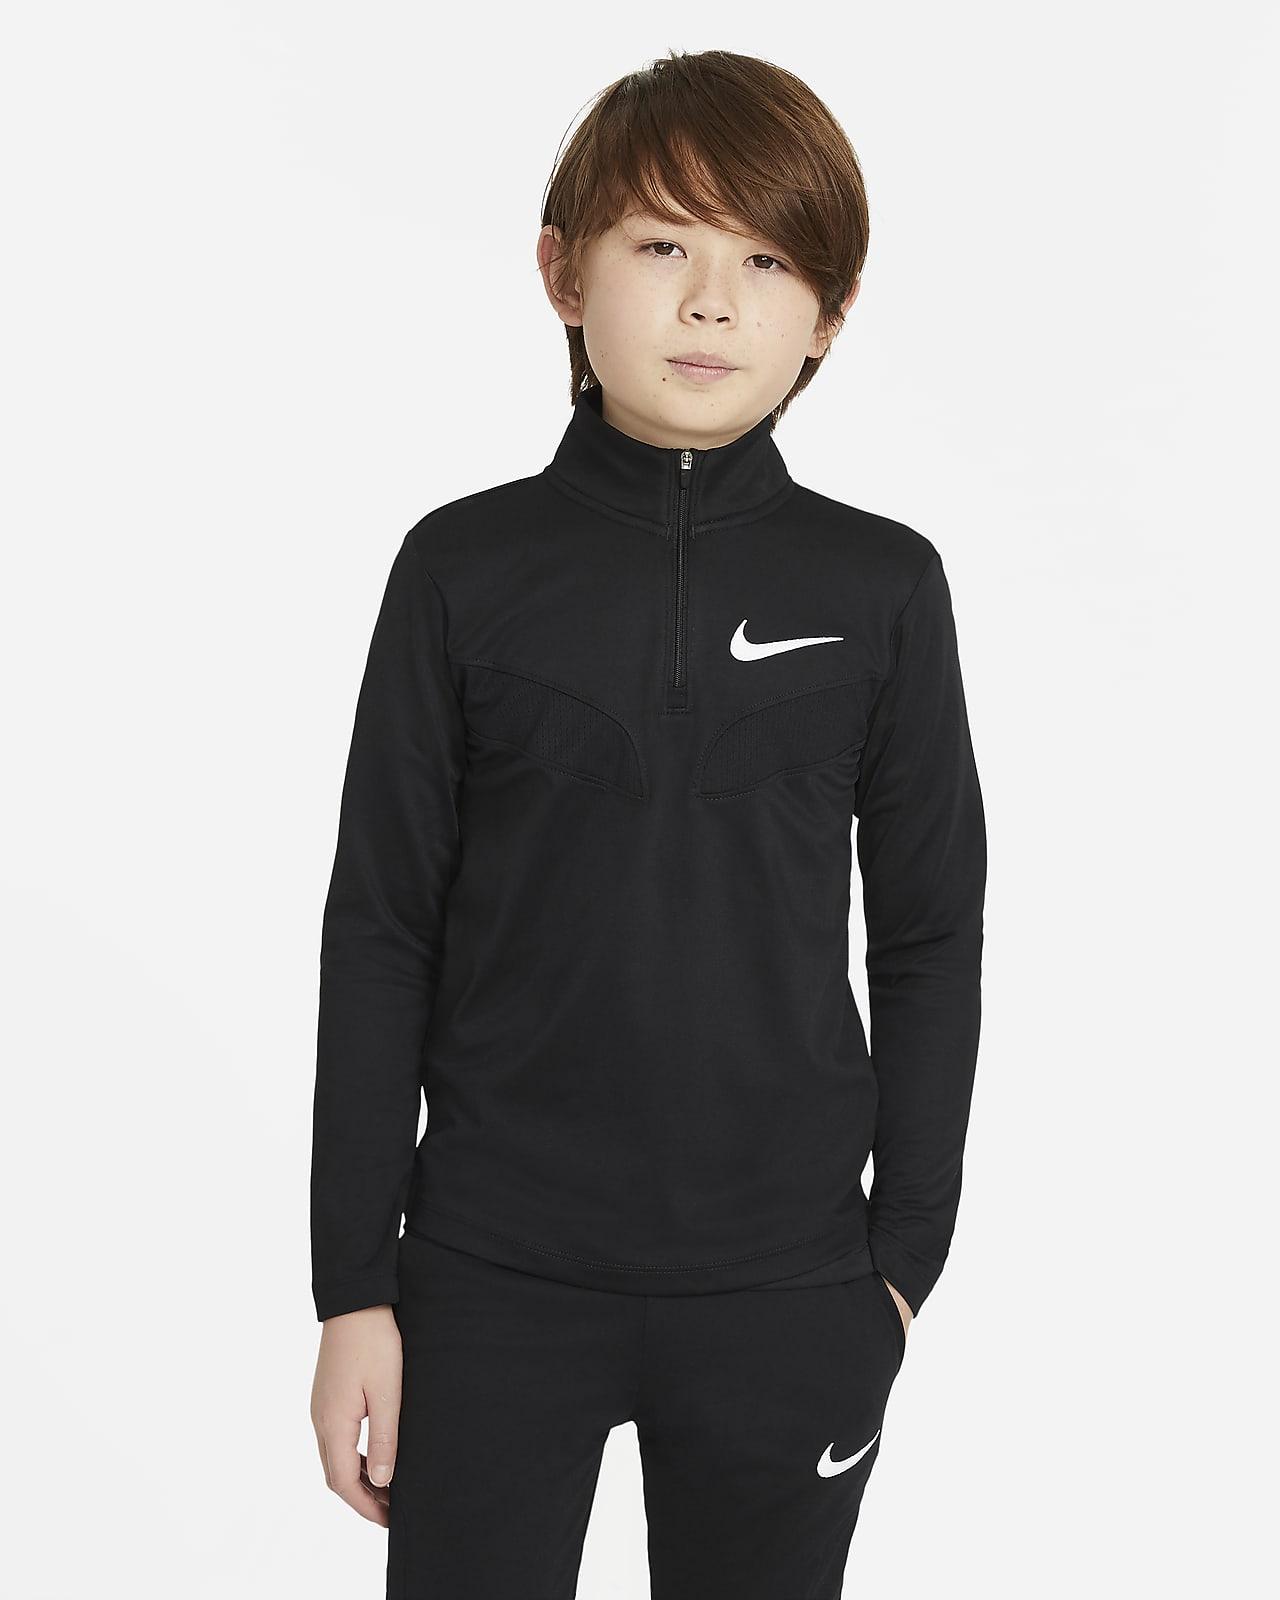 Langærmet Nike Sport-træningsoverdel til store børn (drenge)